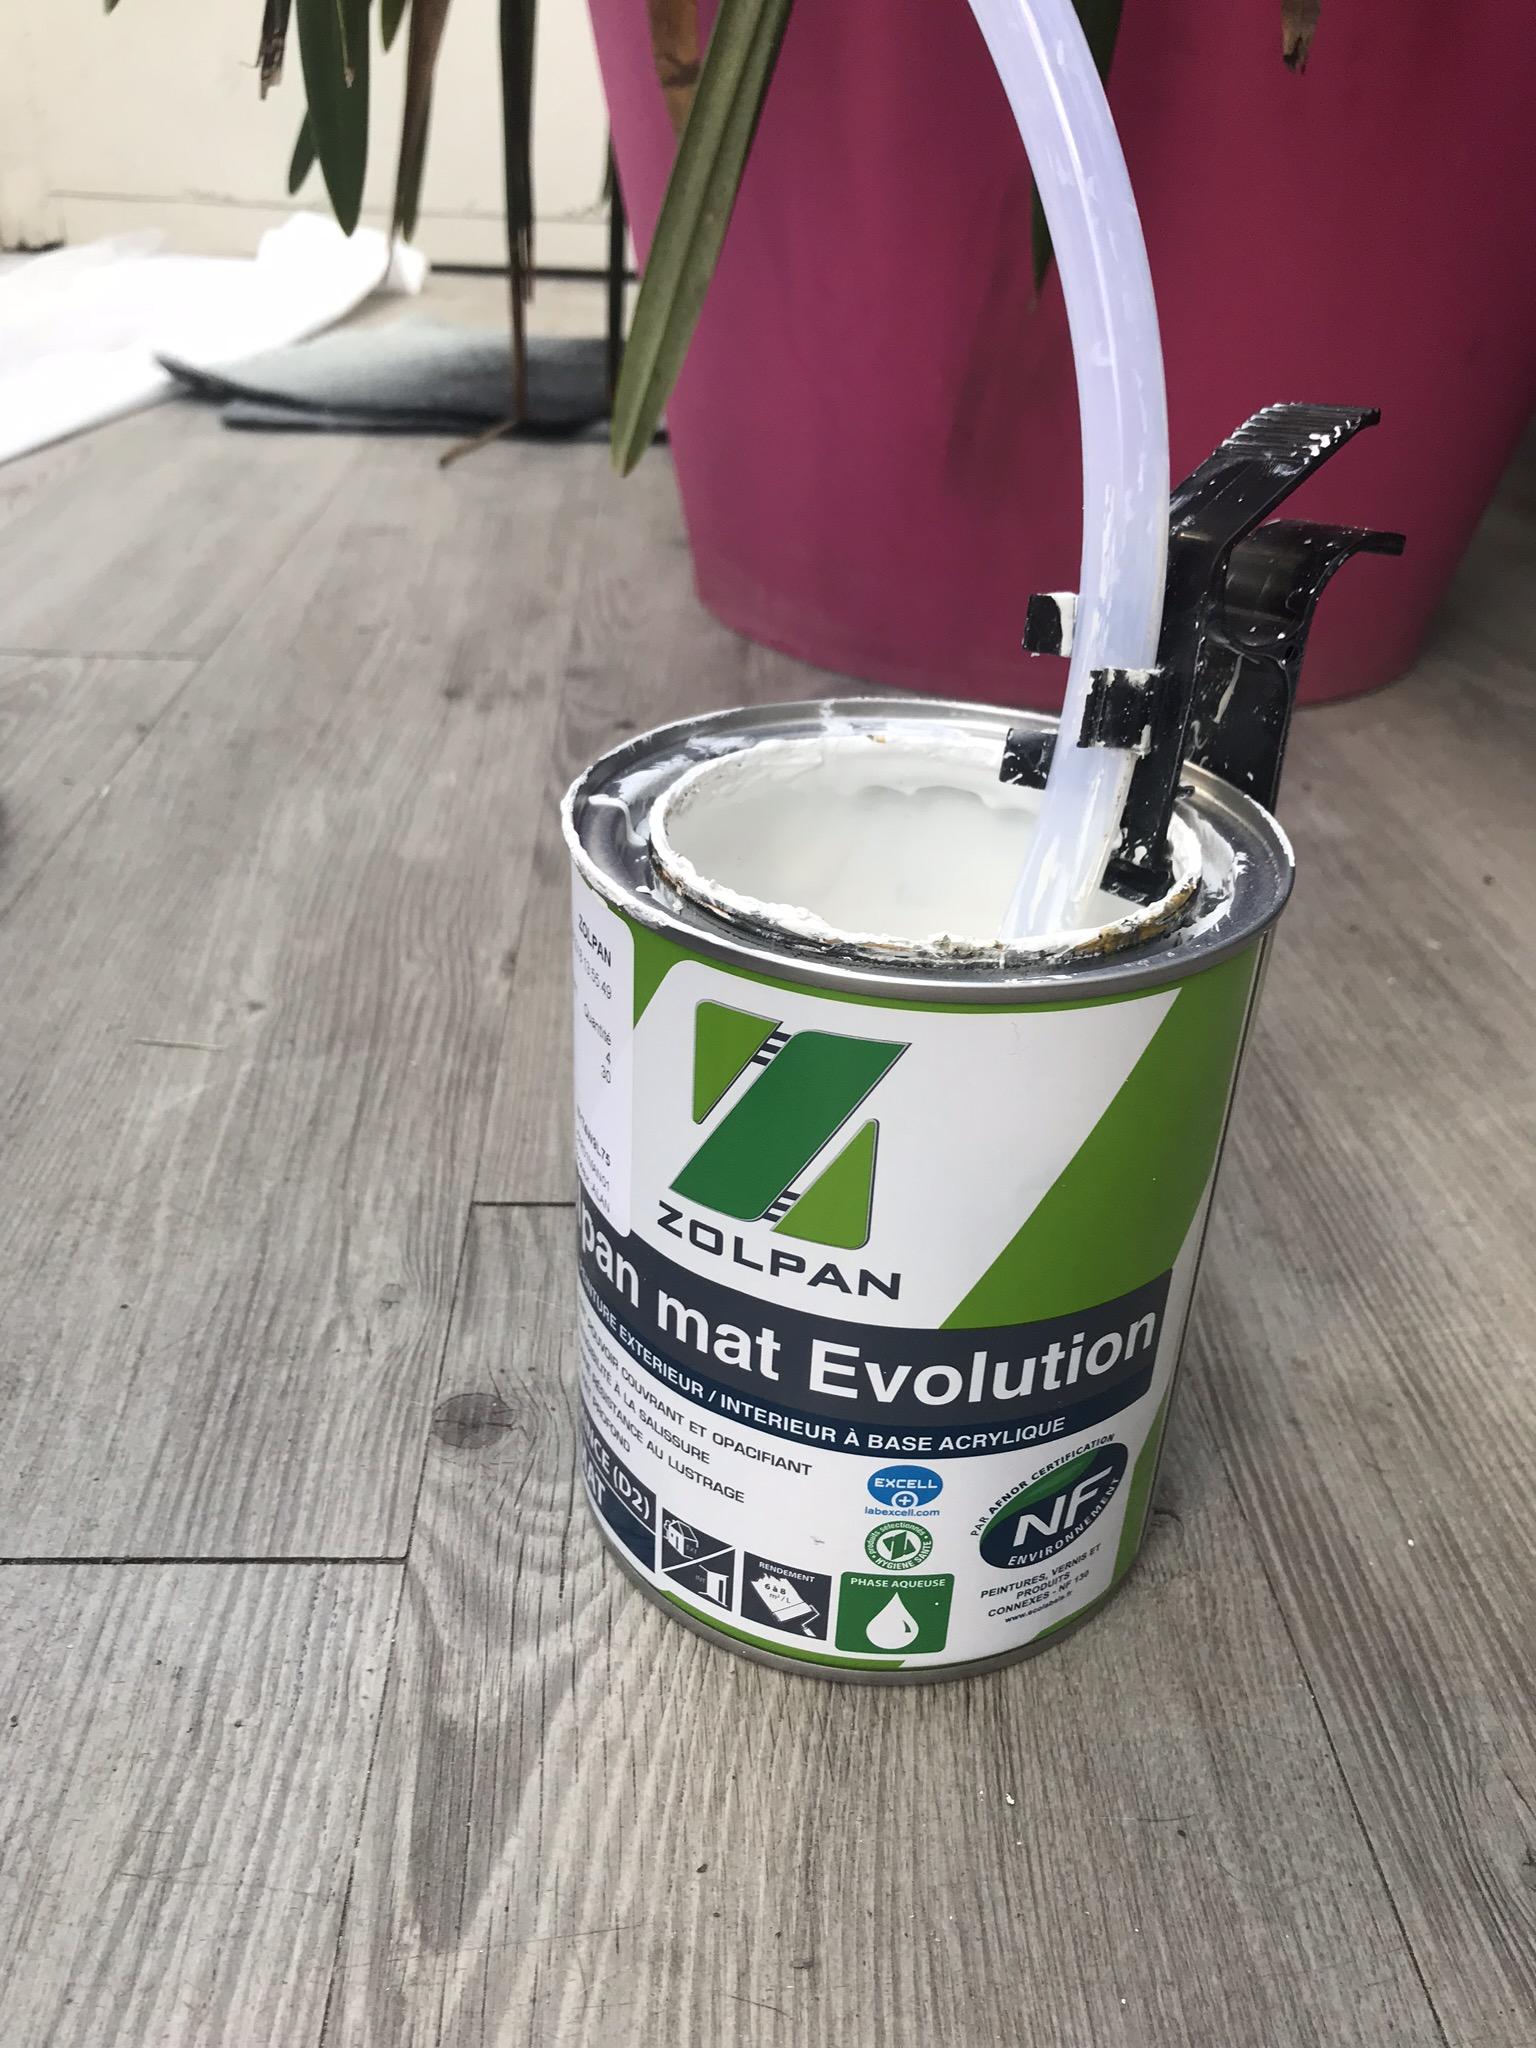 Placer le tuyau du pistolet dans le pot de peinture